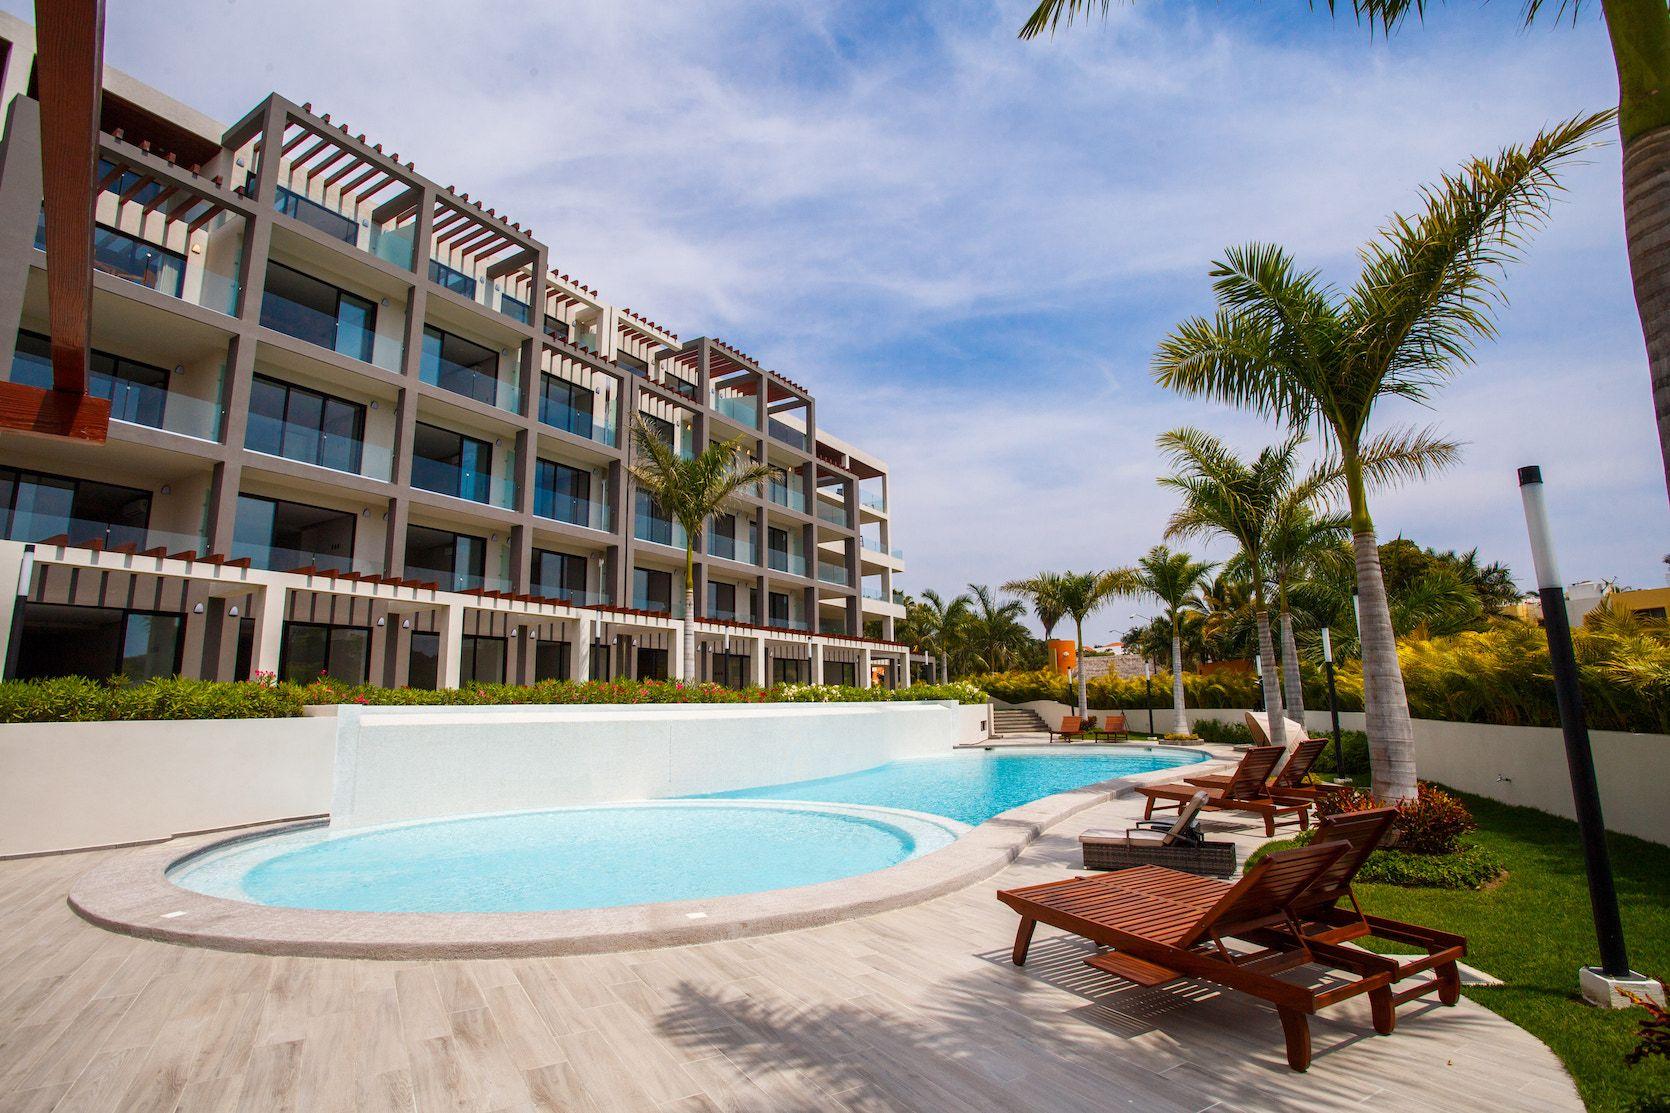 Pin on Puerto Vallarta & Real Estate